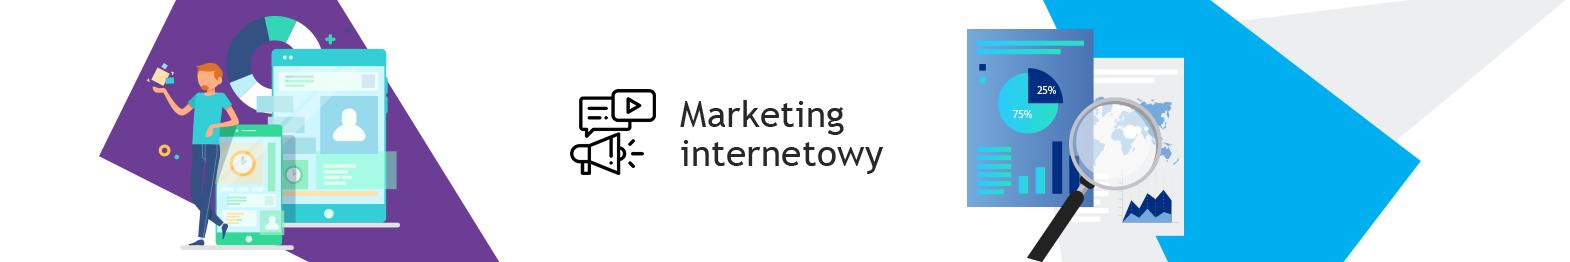 Marketing internetowy. Usługi marketingu internetowego. Zamów marketing online